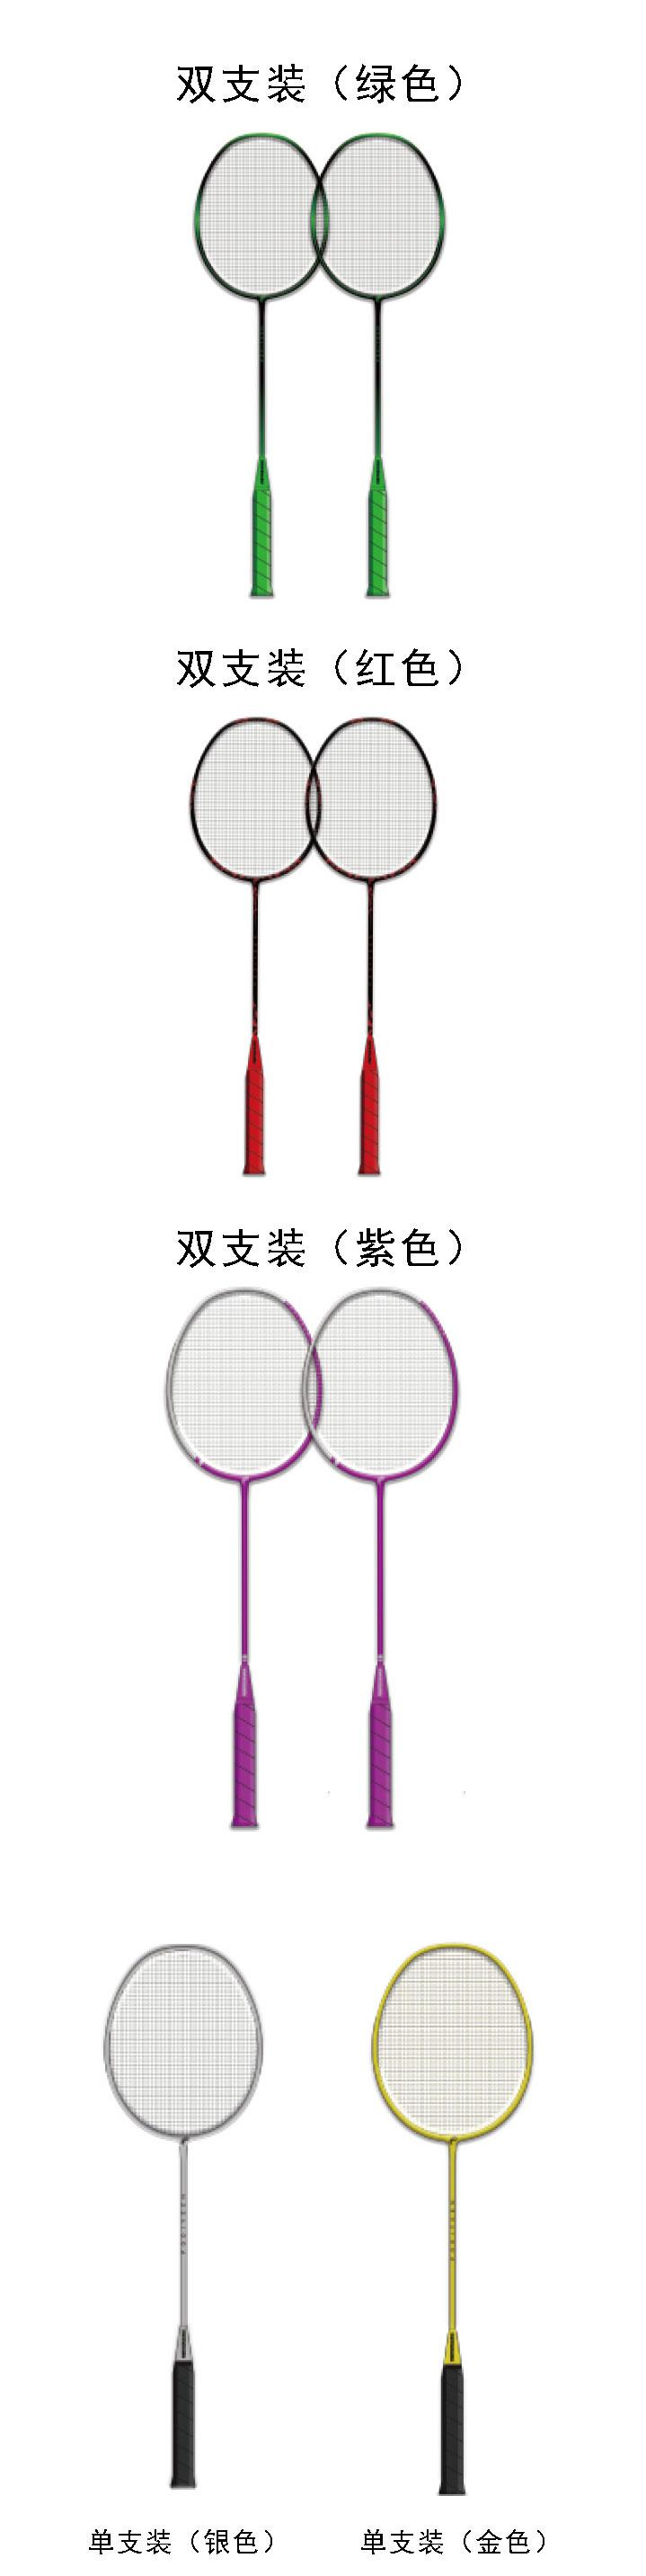 派迪茵羽毛球拍全碳素轻拍耐用成人儿童小学生正品单双拍套装-tmall_06.jpg